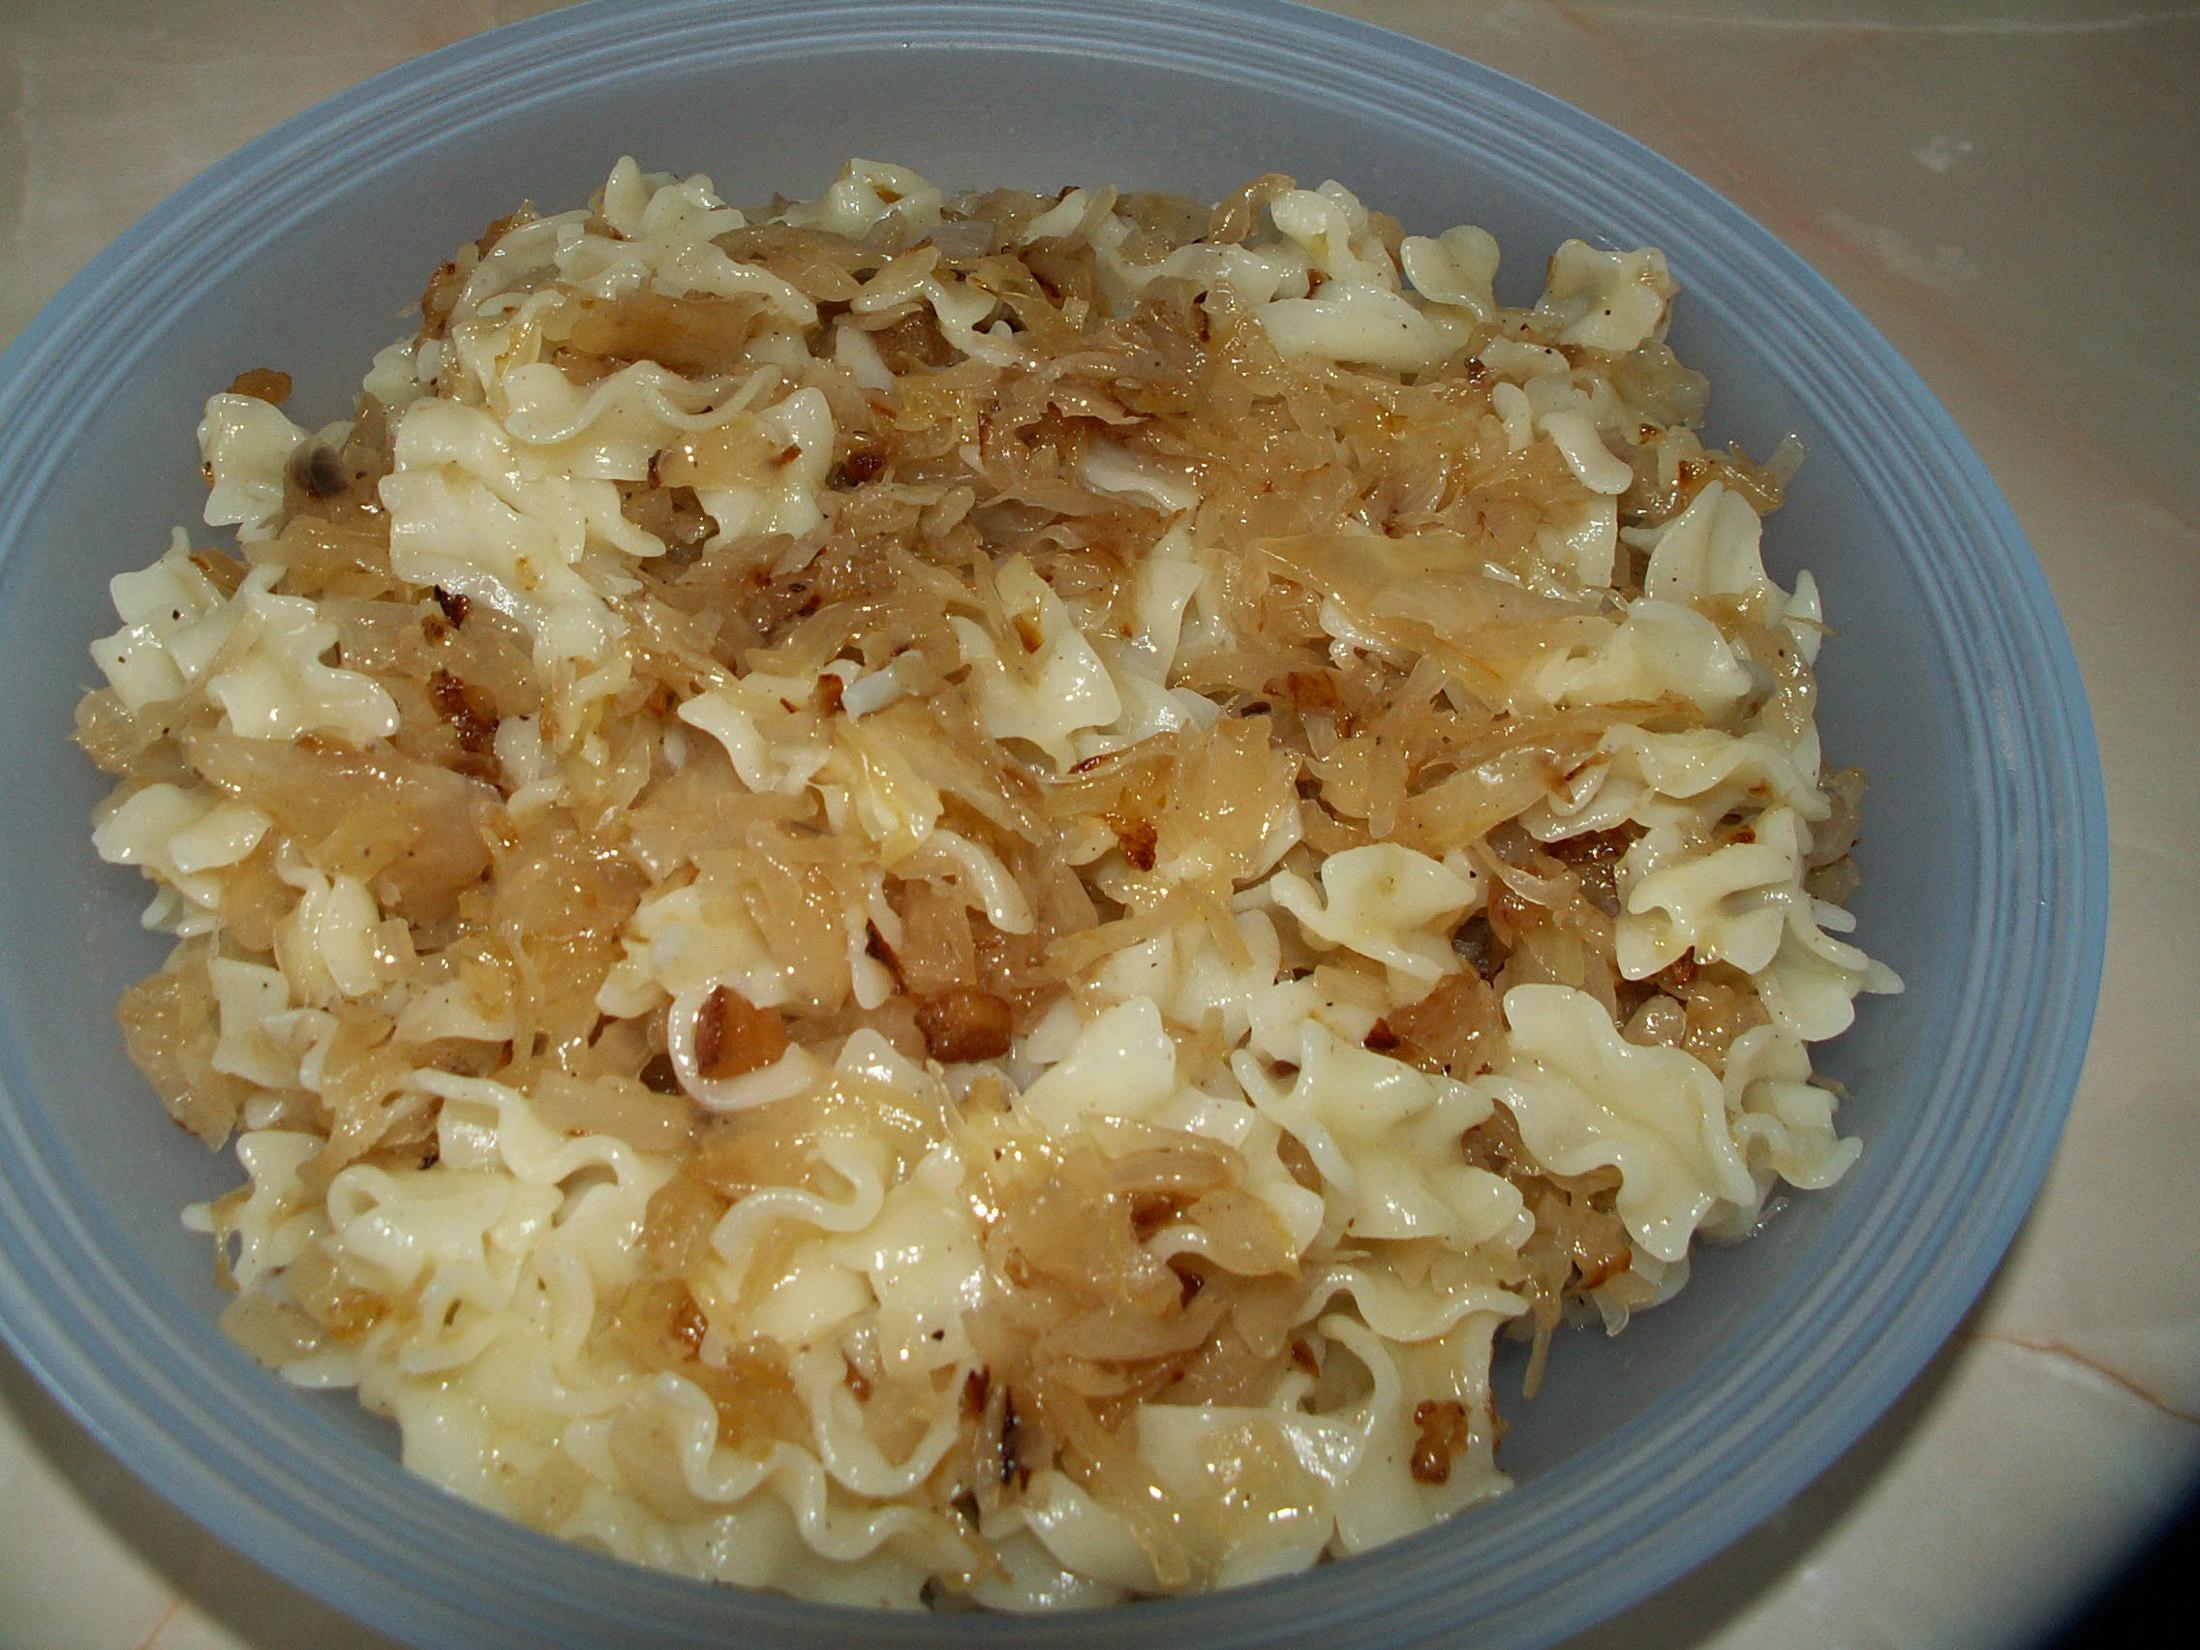 Recept Těstoviny se zelím a anglickou slaninou - Naservírované a již  smíchané to celé rodince moc chutnalo.